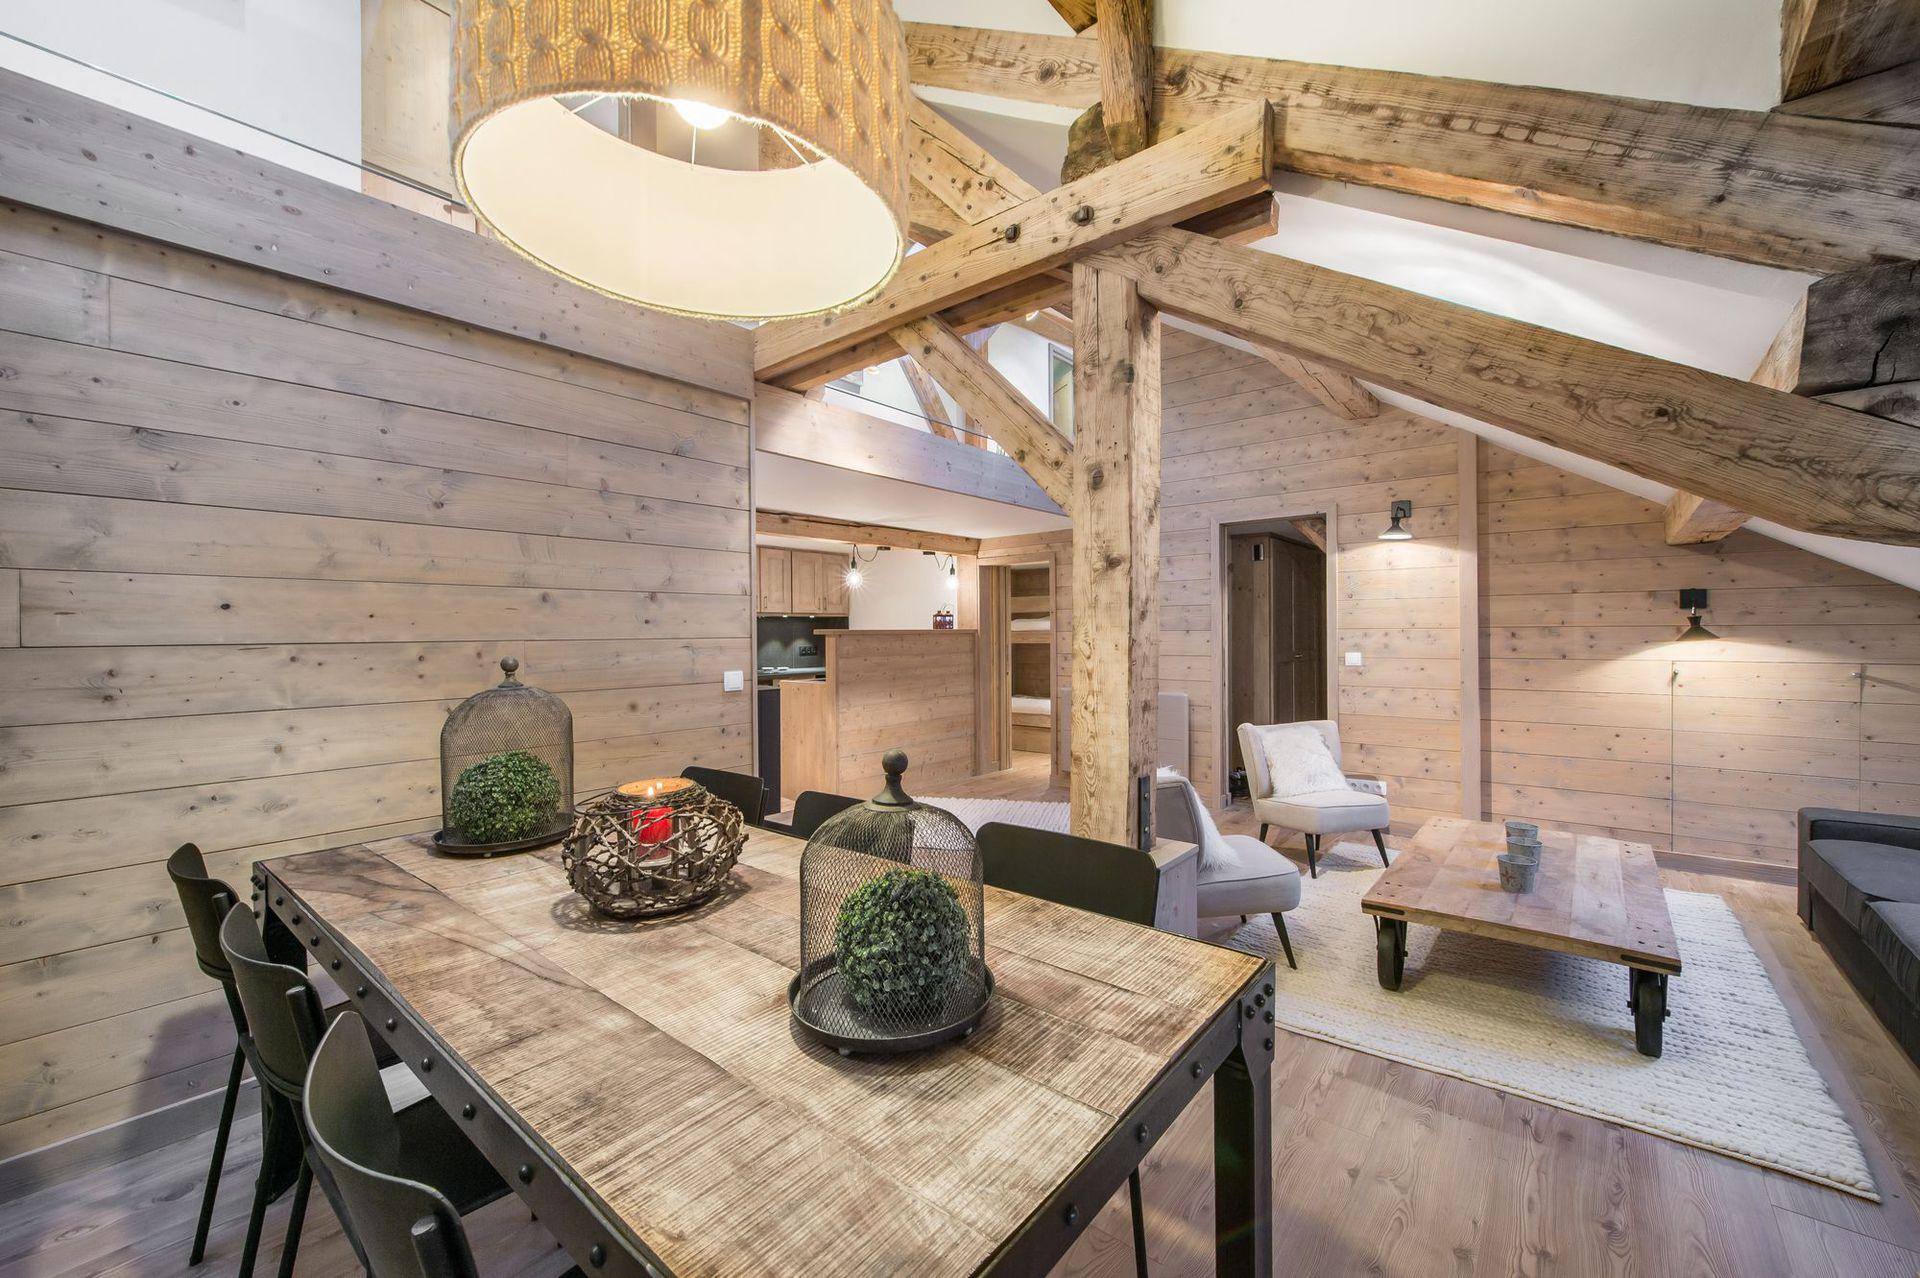 Appartements Les Cimes - Heb. + Skipass + Mat. de ski + Repas